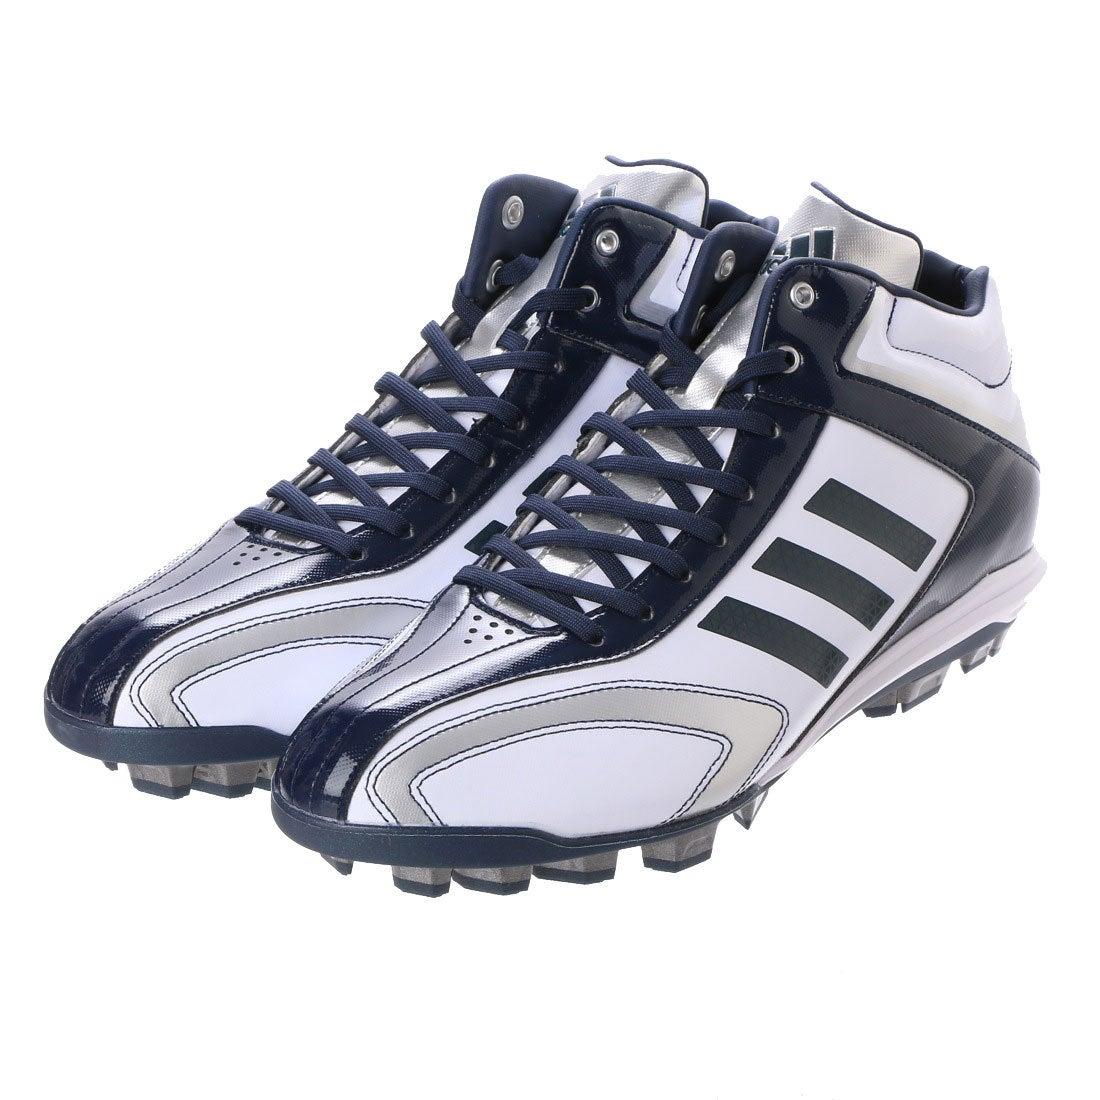 【SALE 30%OFF】アディダス adidas ユニセックス 野球 スパイクシューズ アディピュアT3 MID ポイント AQ8360 329